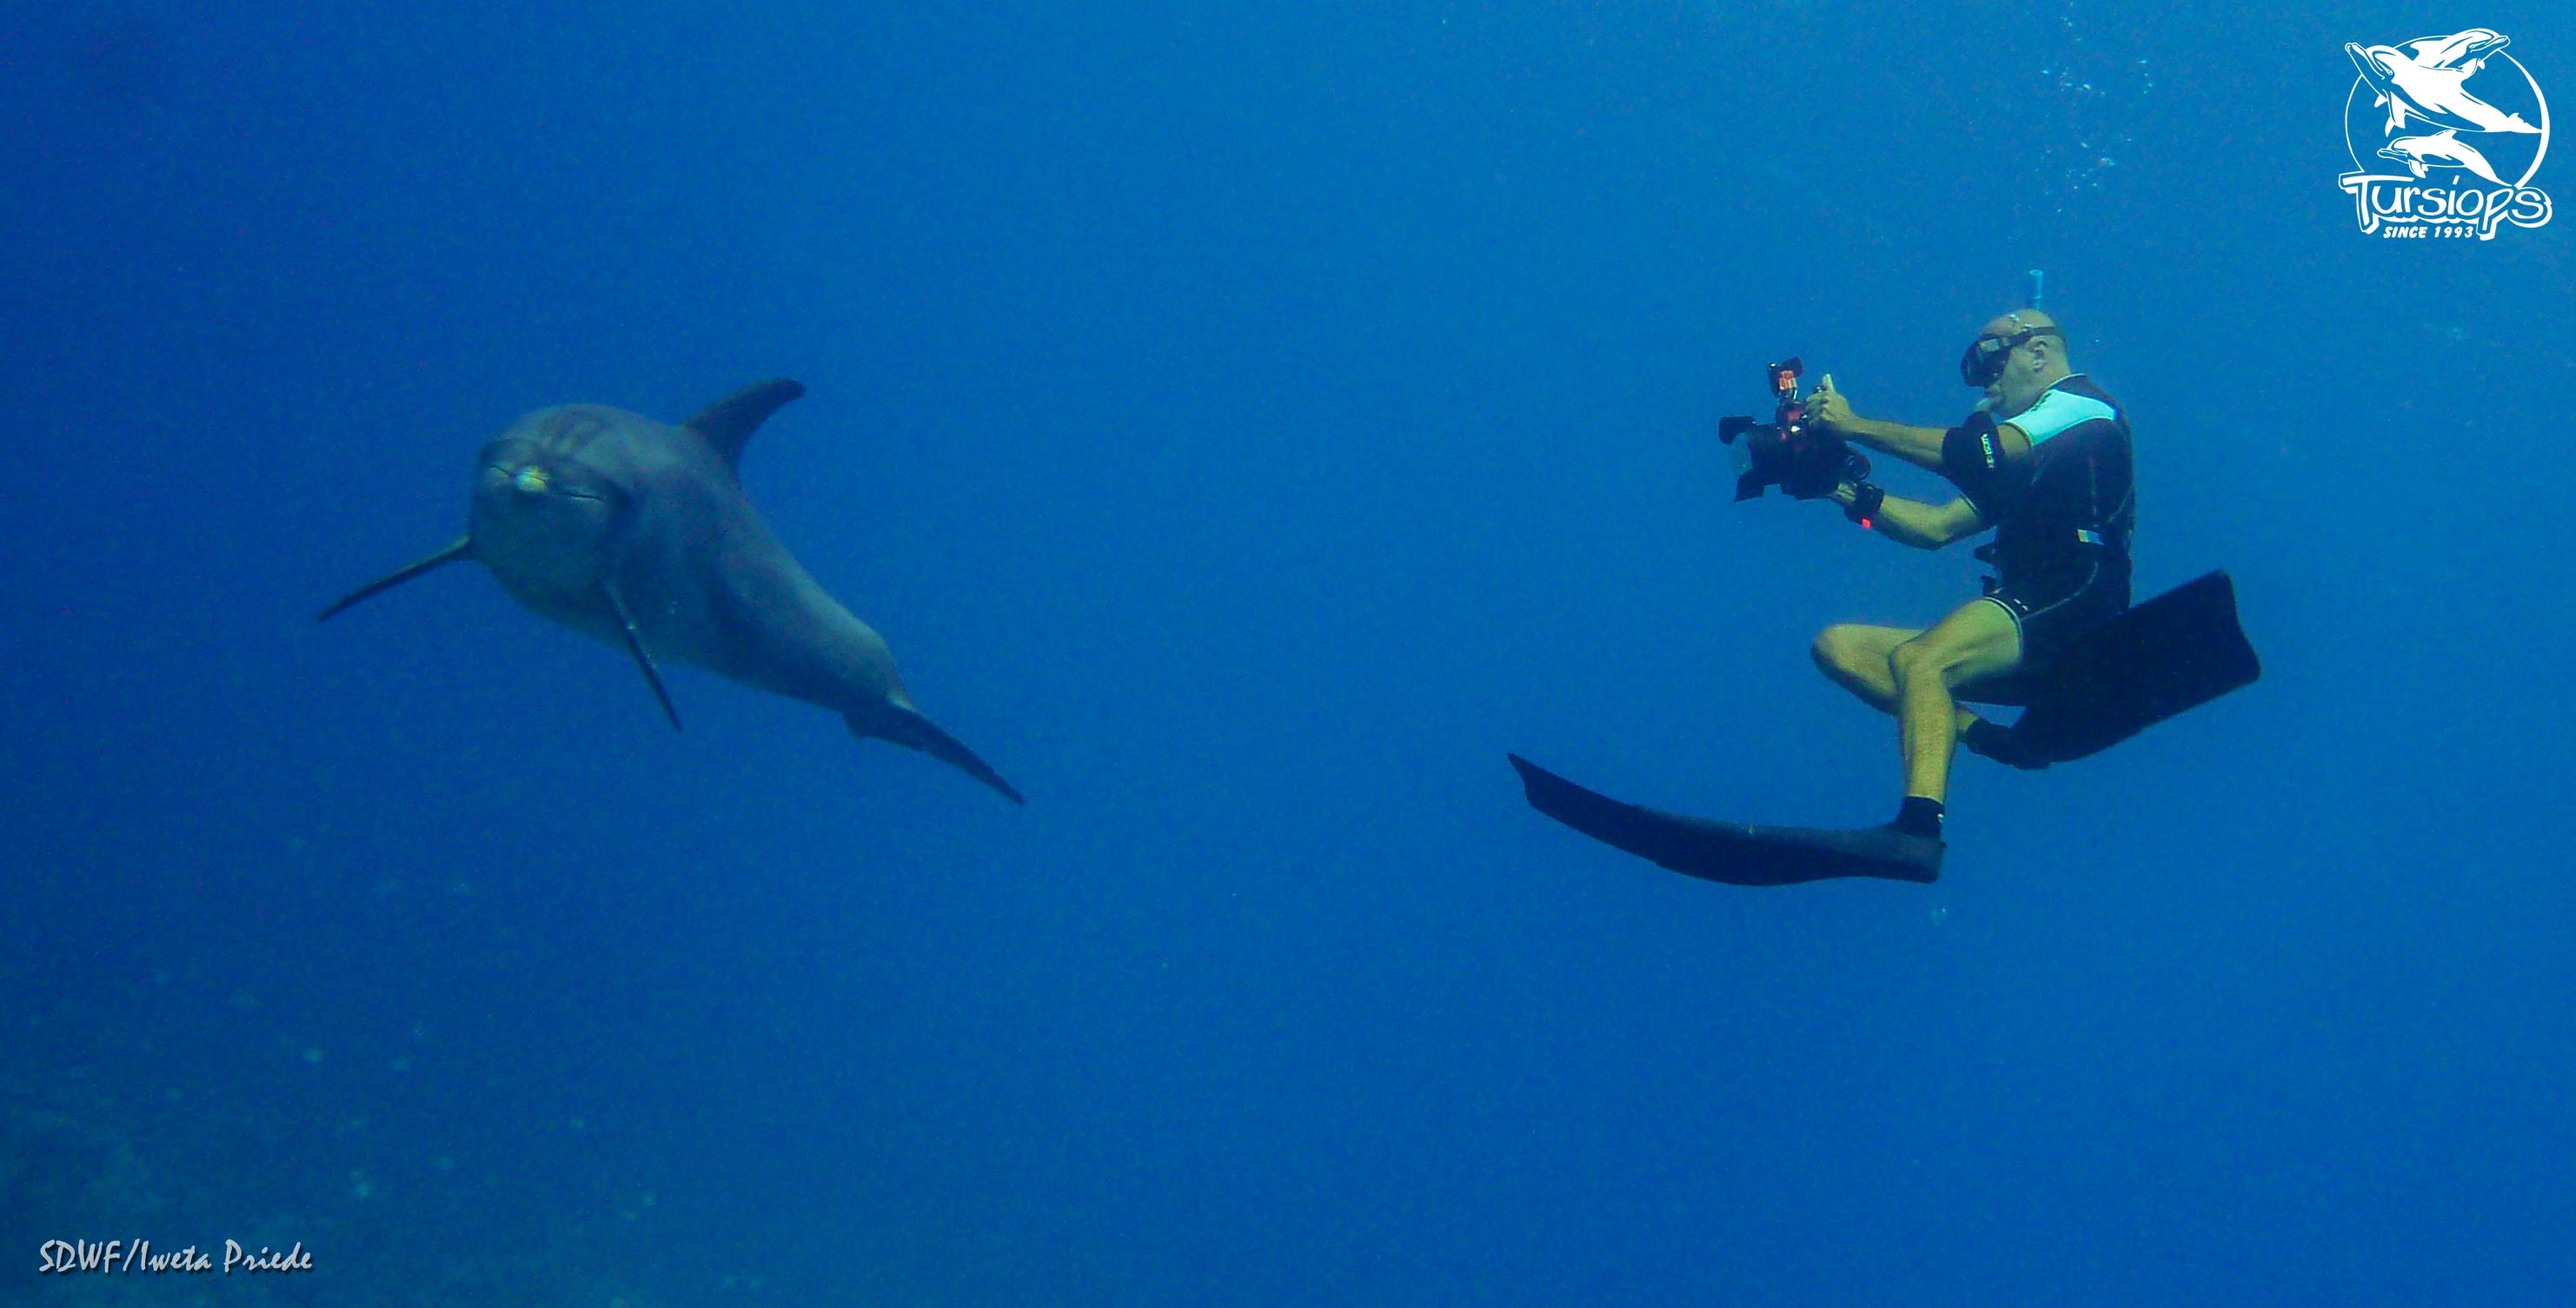 Éric Demay, l'homme qui murmurait à l'oreille des dauphins